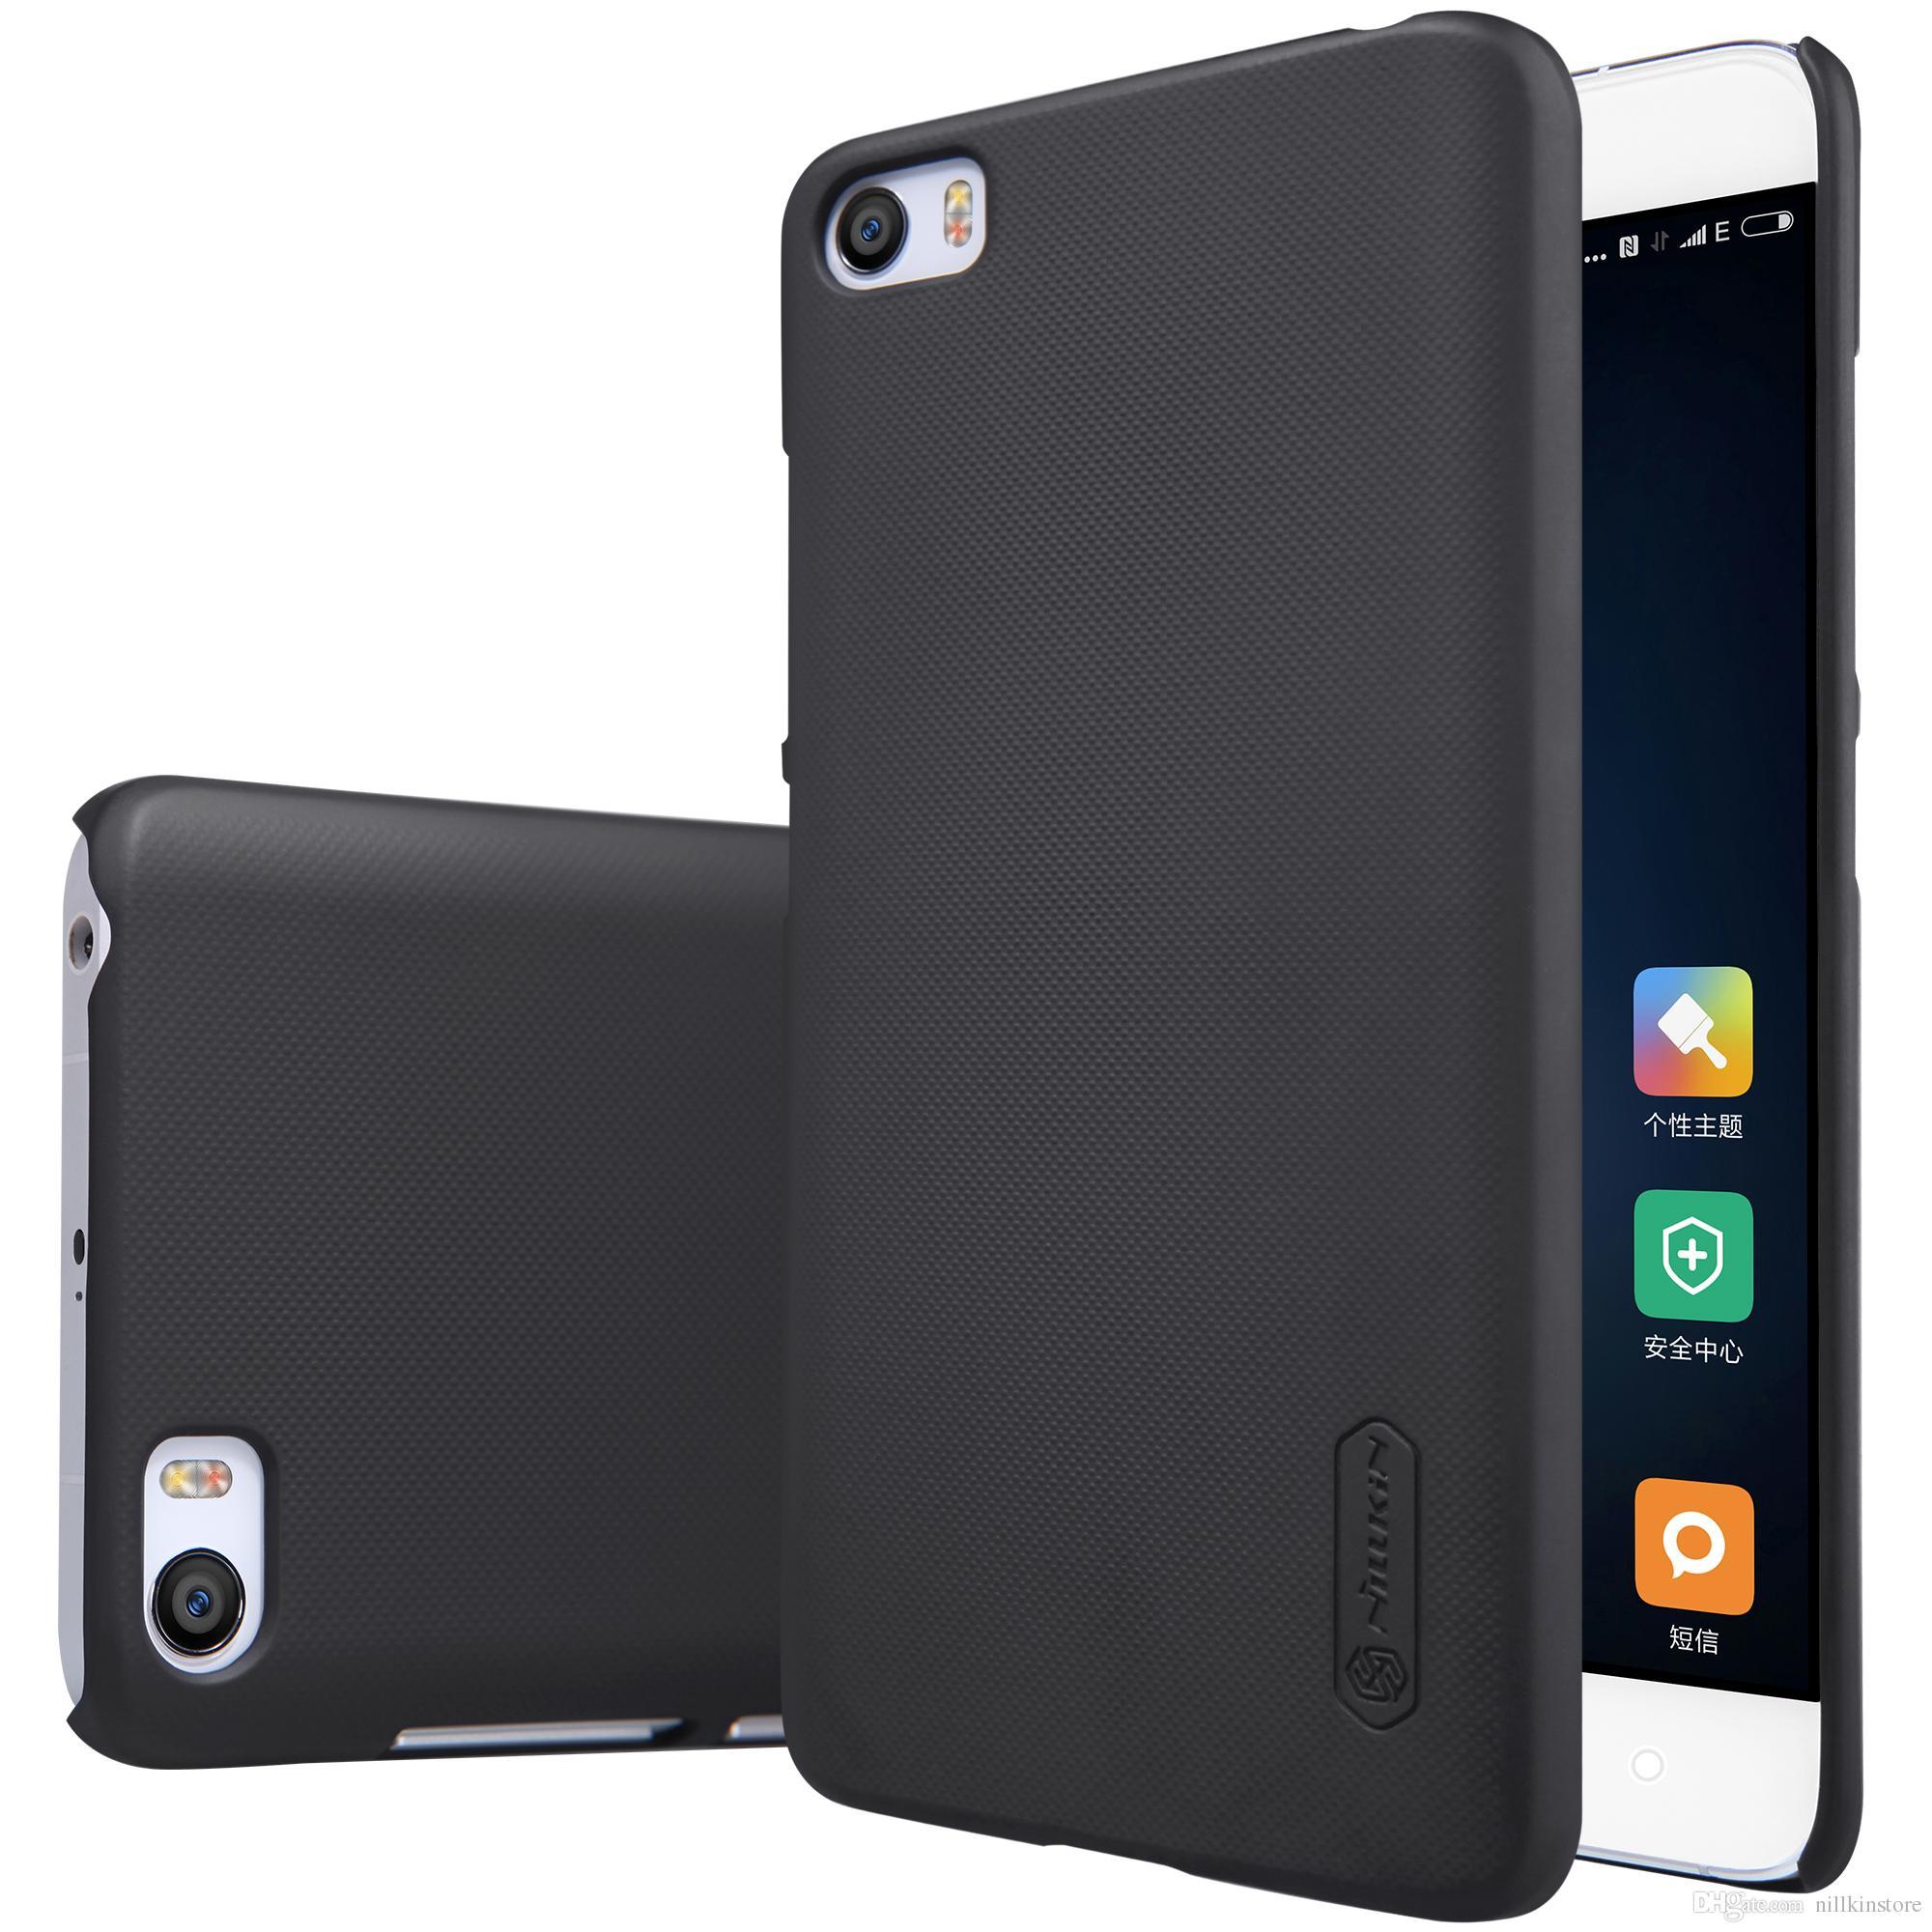 Xiaomi Mi5 Case Mi 5 Mi5 Pro Case Cover Nillkin Frosted Case For Xiaomi Mi5 Pro Mi 5 With Screen Protector Rhinestone Cell Phone Cases Silicone Cell Phone